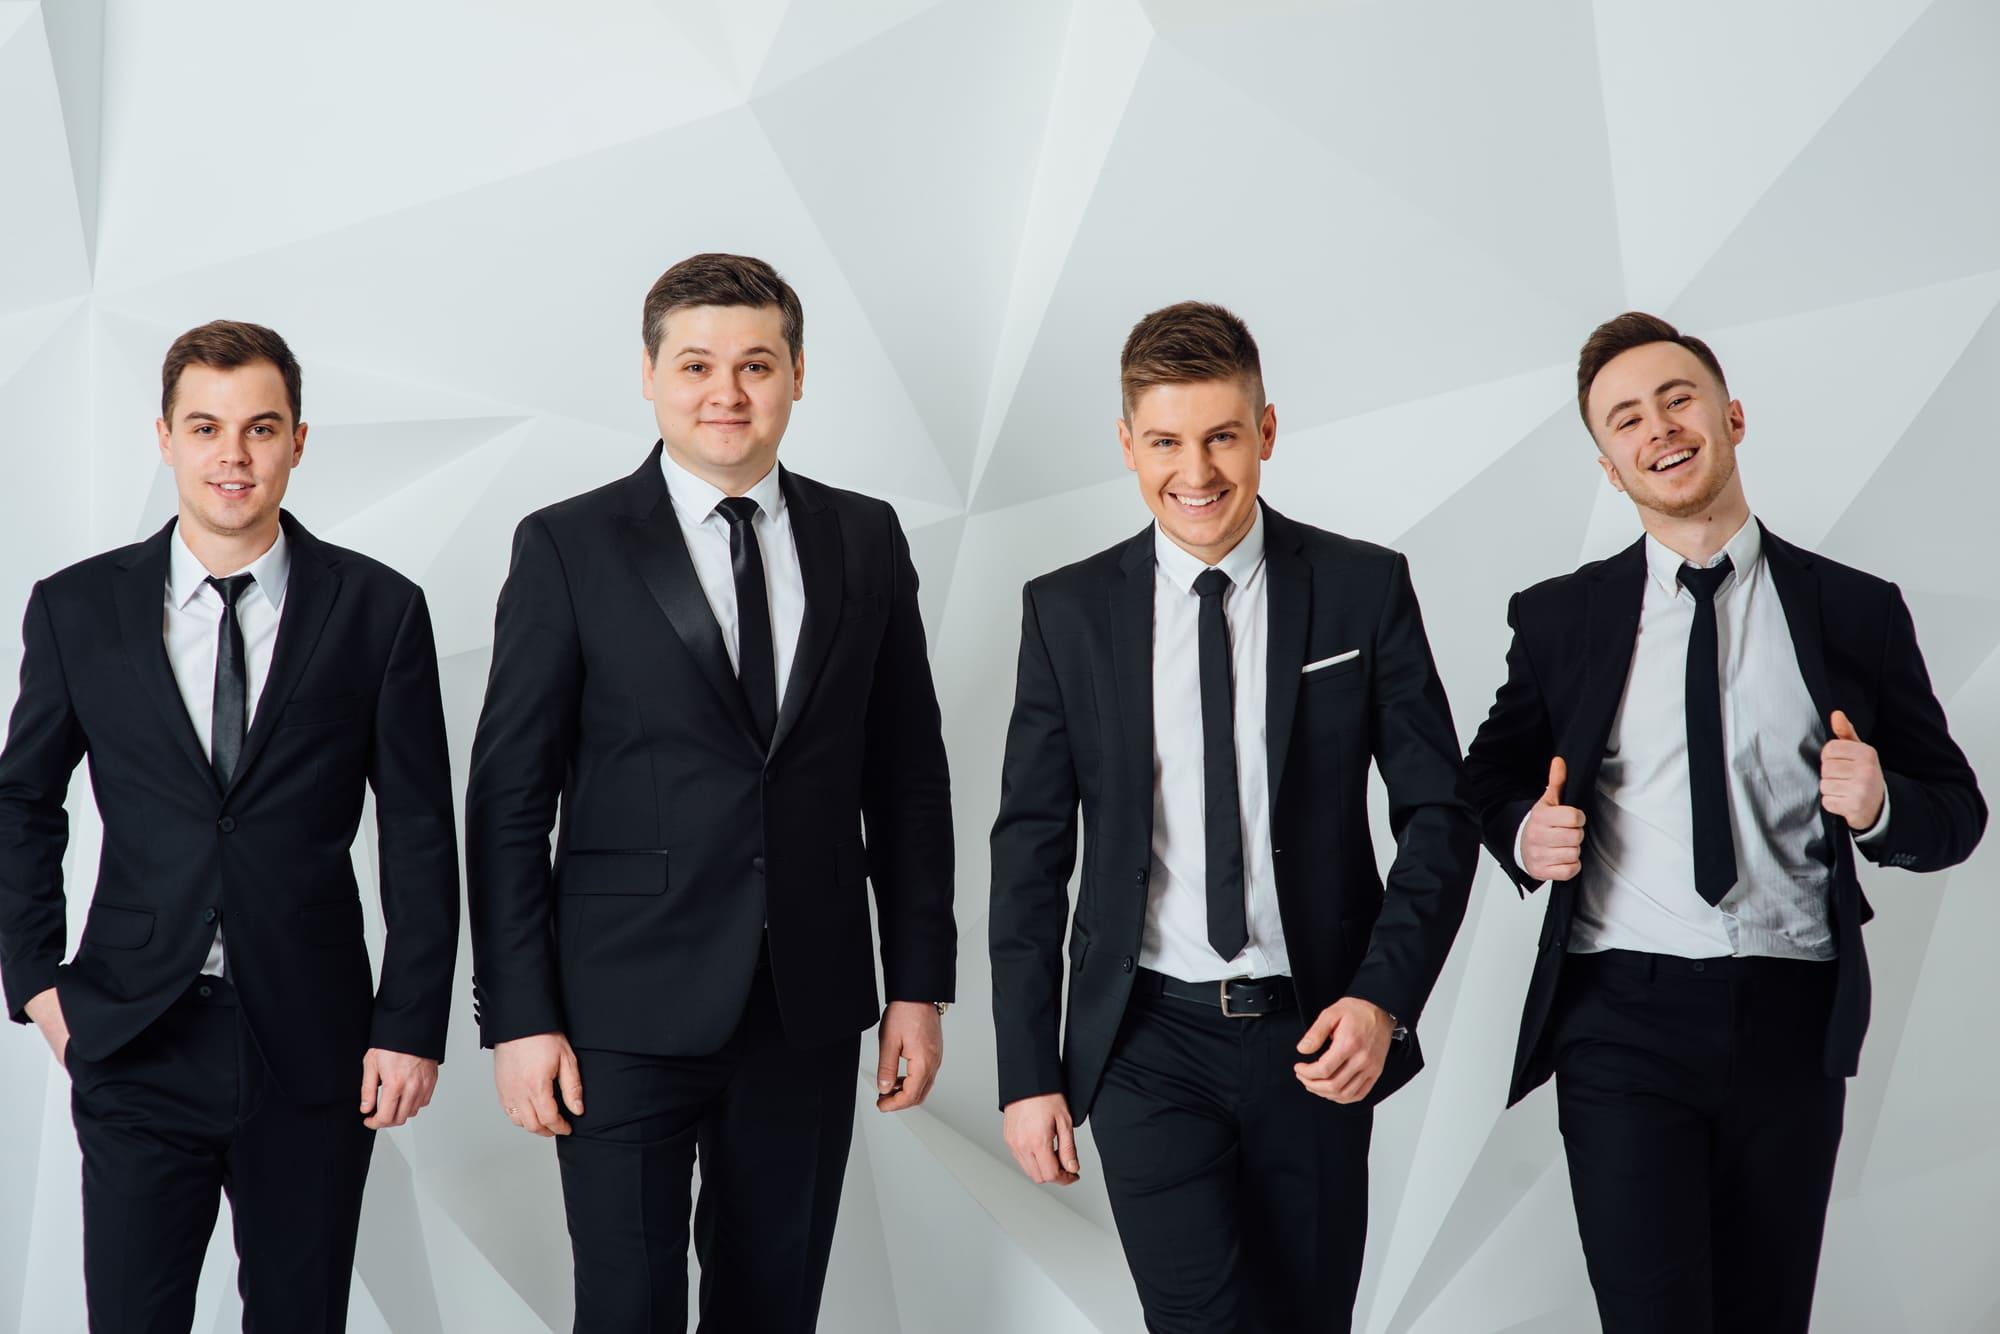 ビジネスマン 黒スーツの4人組